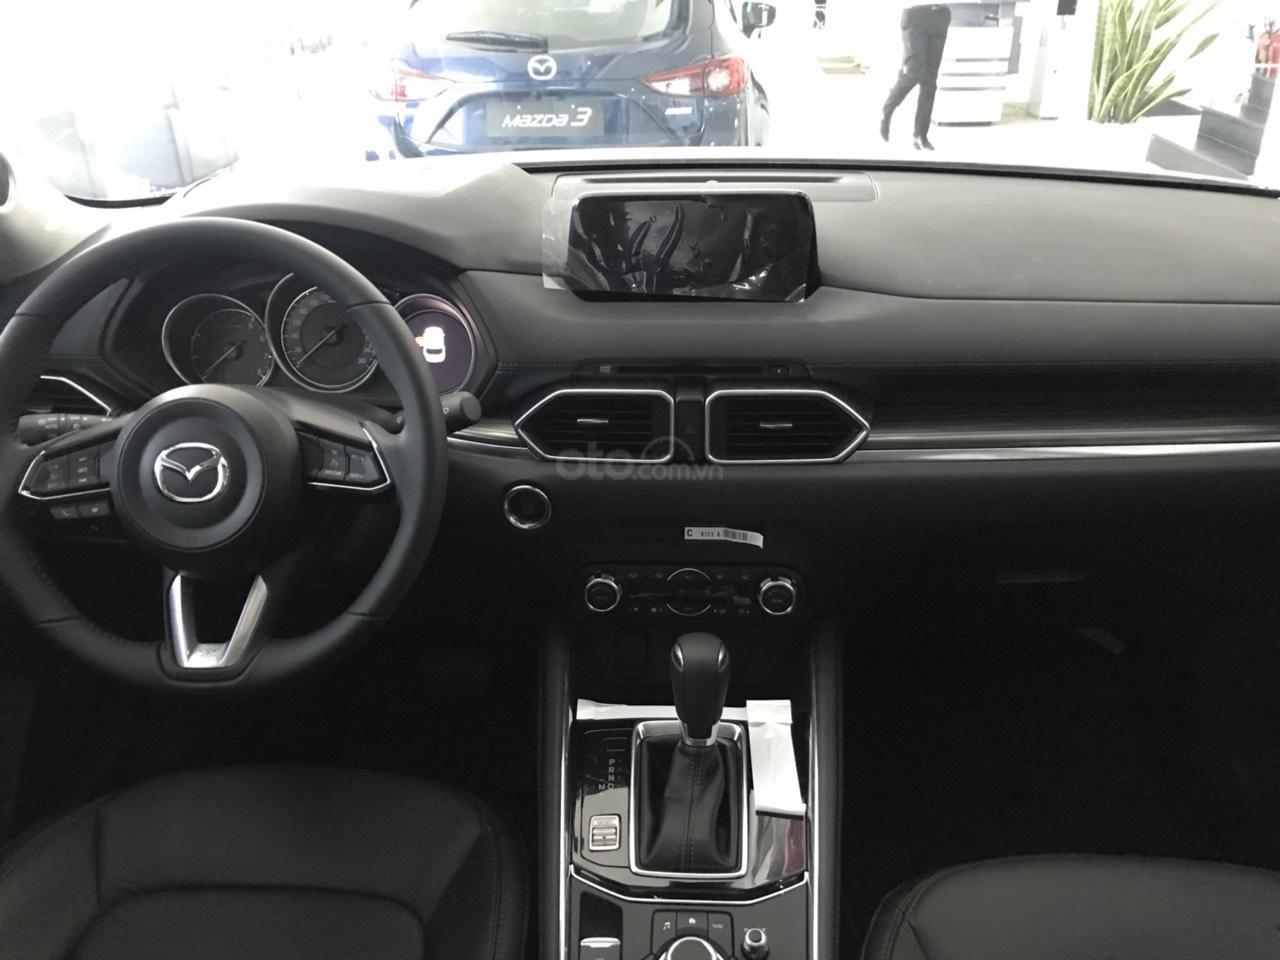 Bán Mazda CX5 giá tốt nhất HCM, hỗ trợ mua xe trả góp lên tới 85% giá trị xe, thủ tục nhanh gọn thuận tiện-1